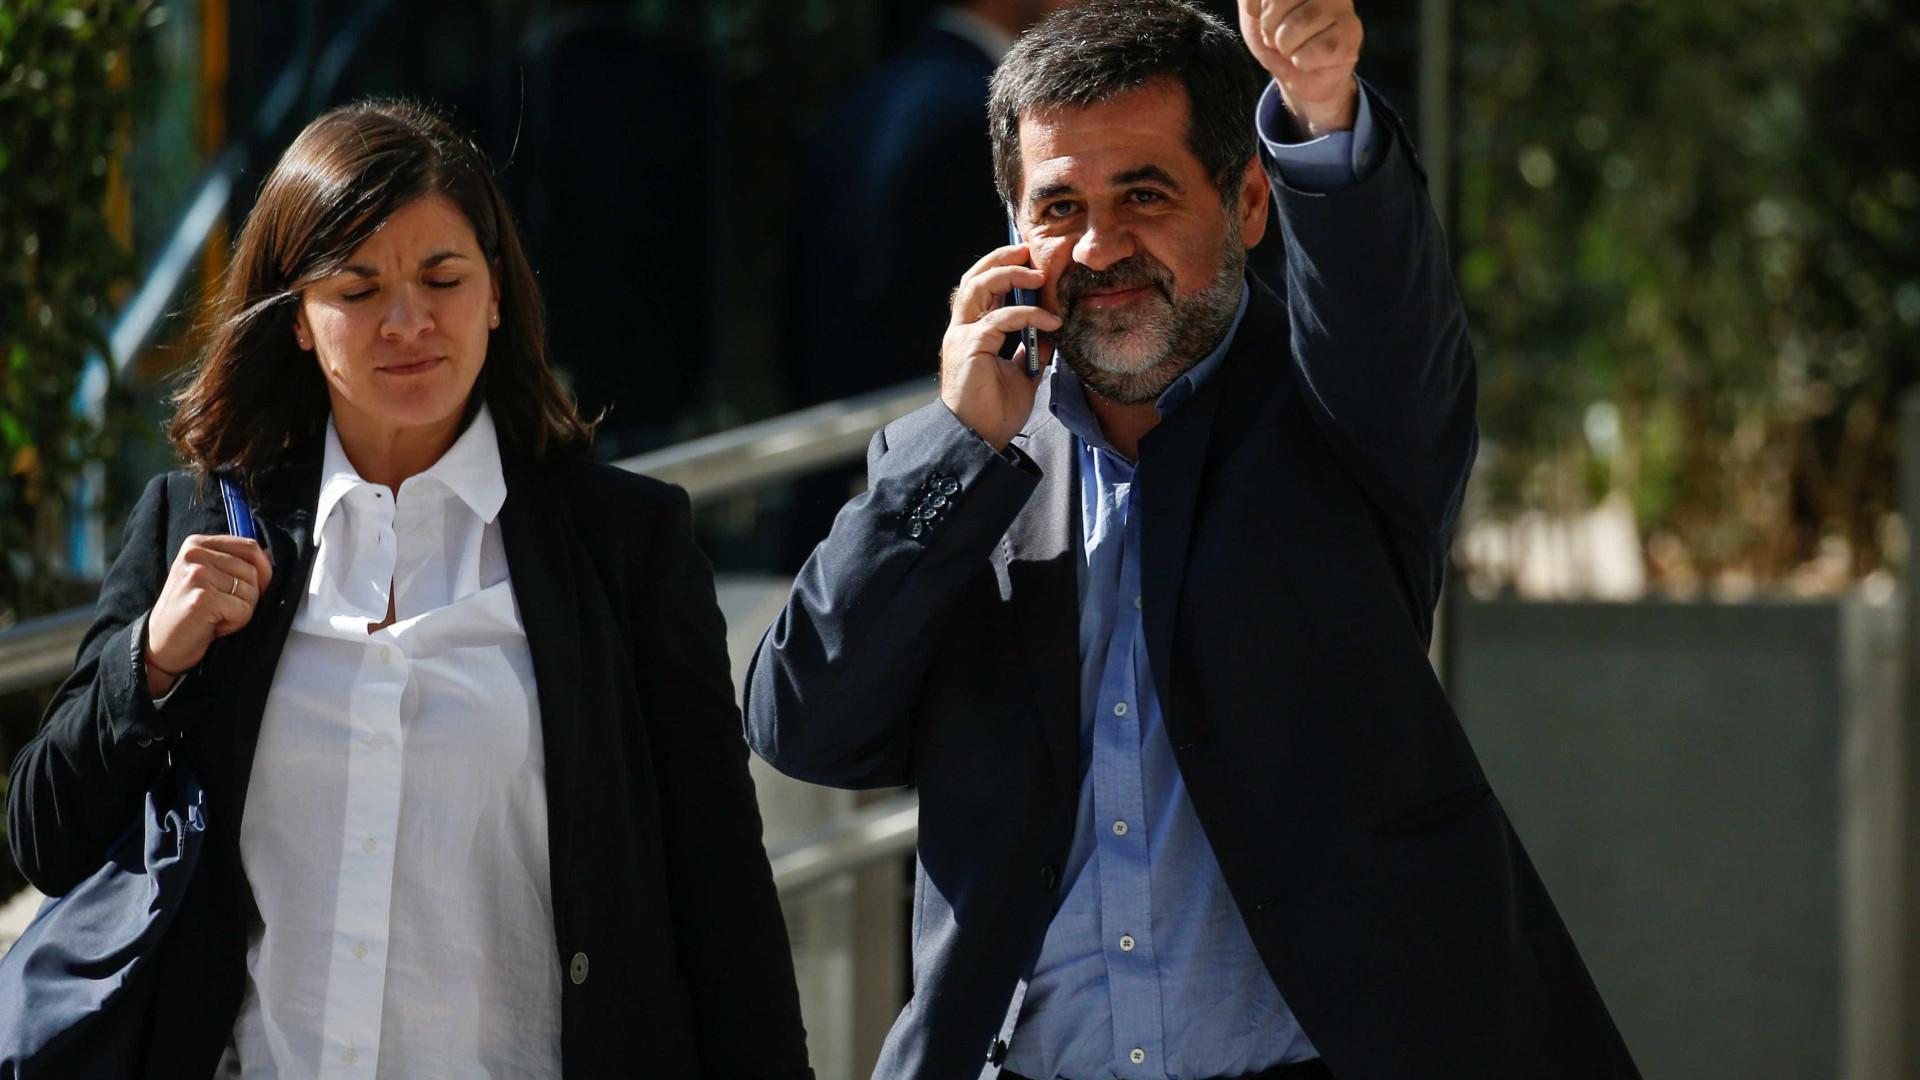 Tribunal Constitucional espanhol não quer libertar Jordi Sànchez